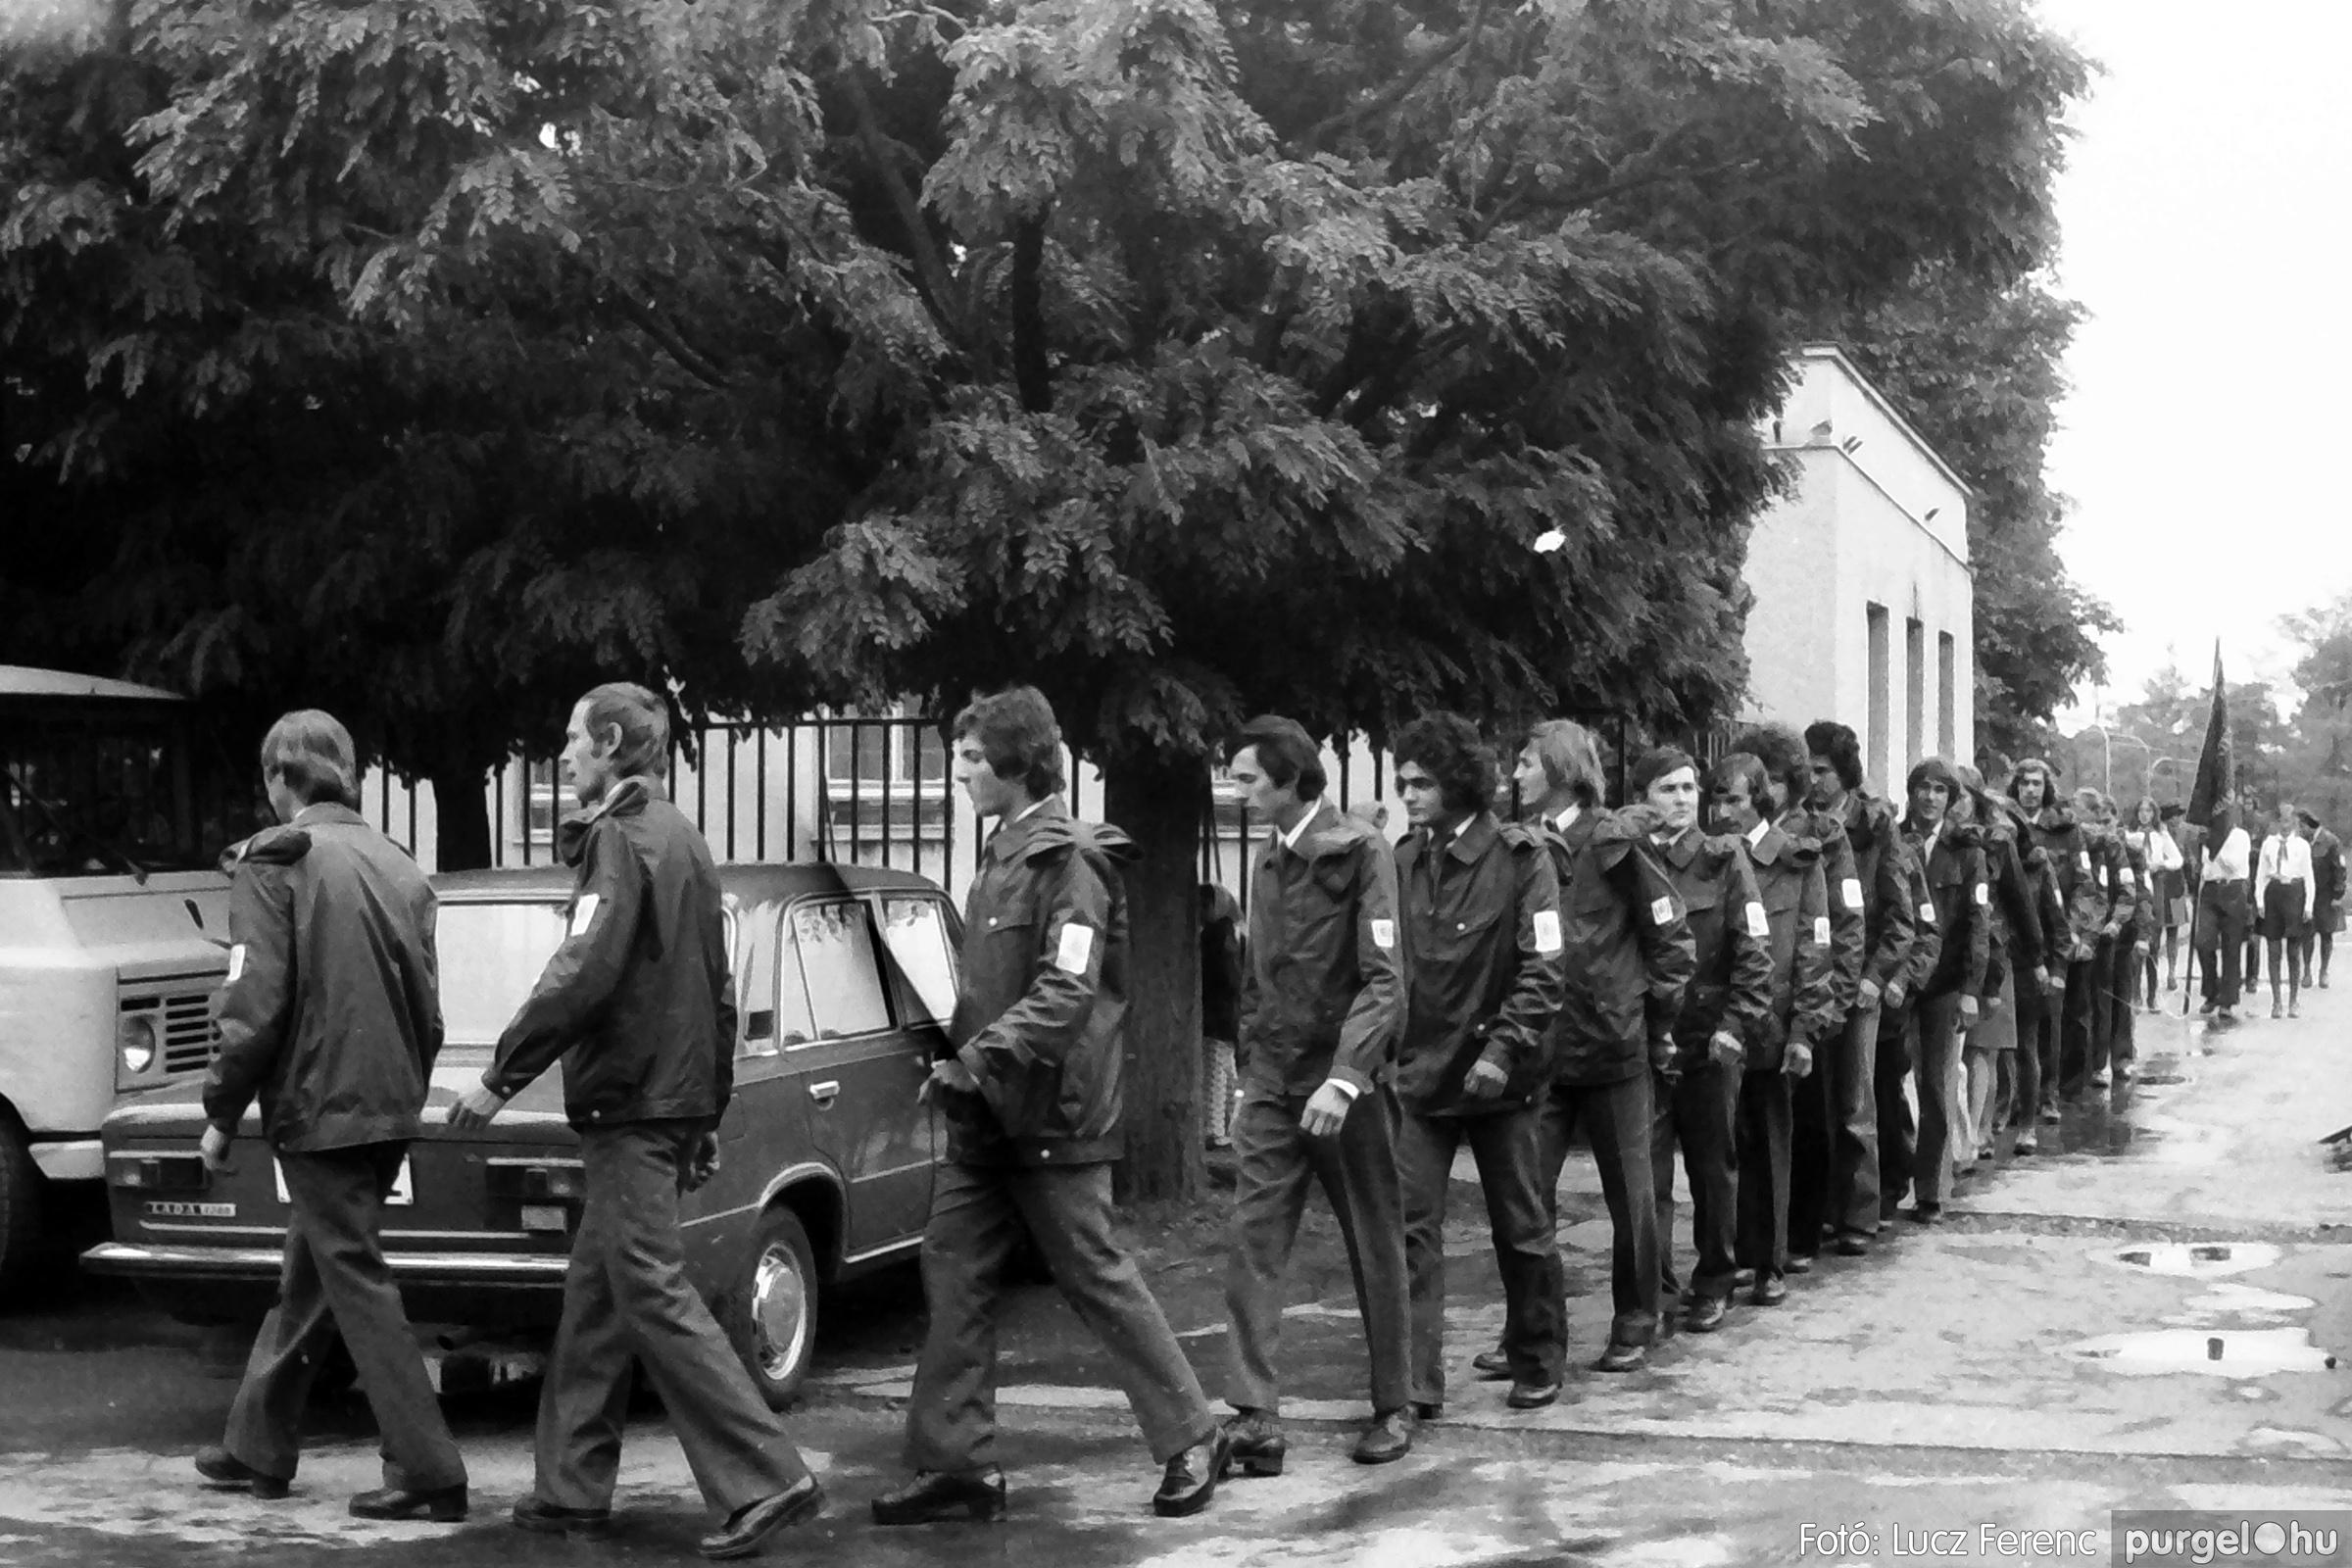 090. 1977. Úttörő gárda - ifjú gárda seregszemle 008. - Fotó: Lucz Ferenc.jpg